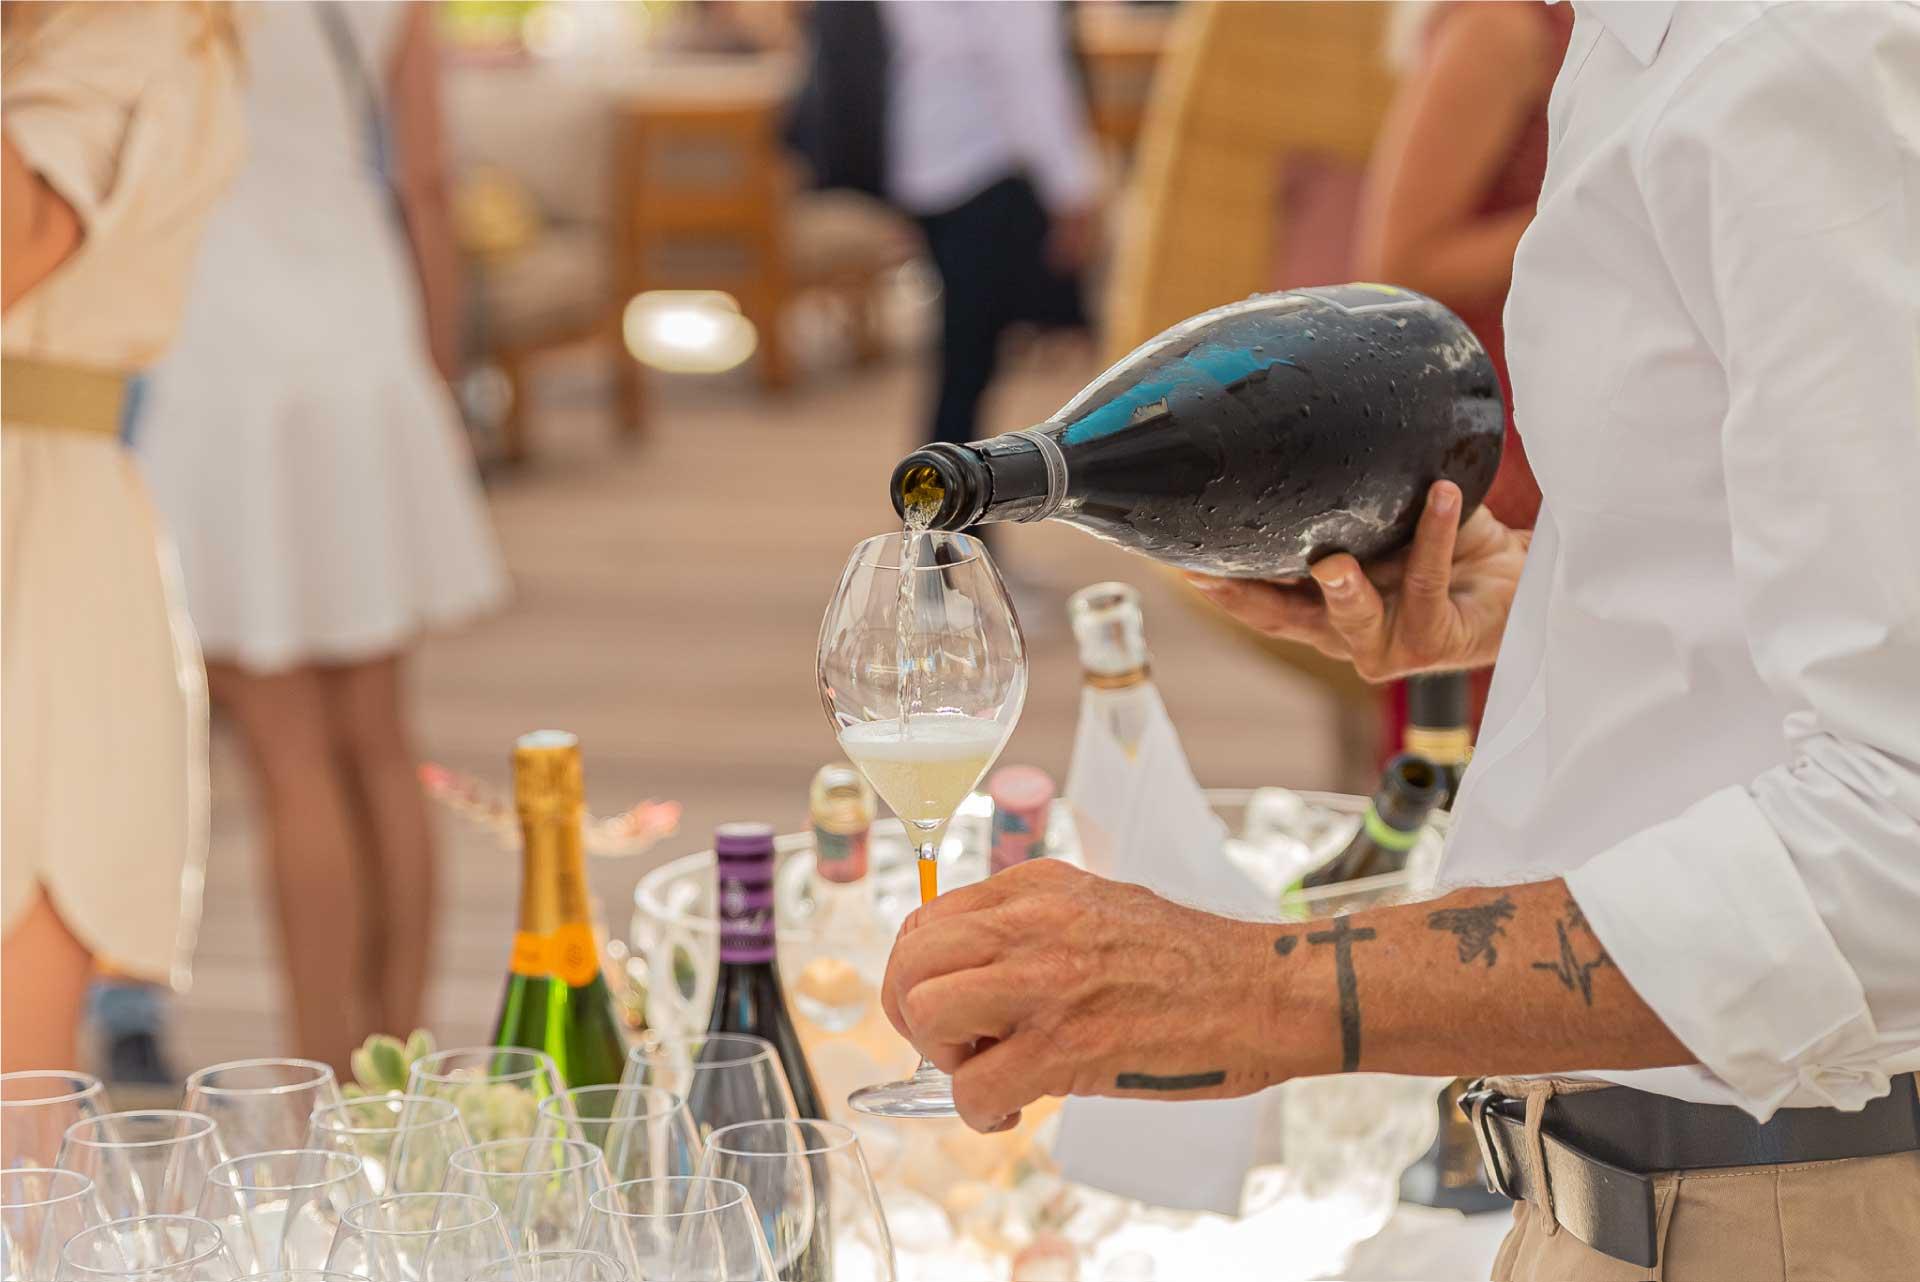 Miramar-plage-restaurant-gastronomique-cannes-entreprise-3